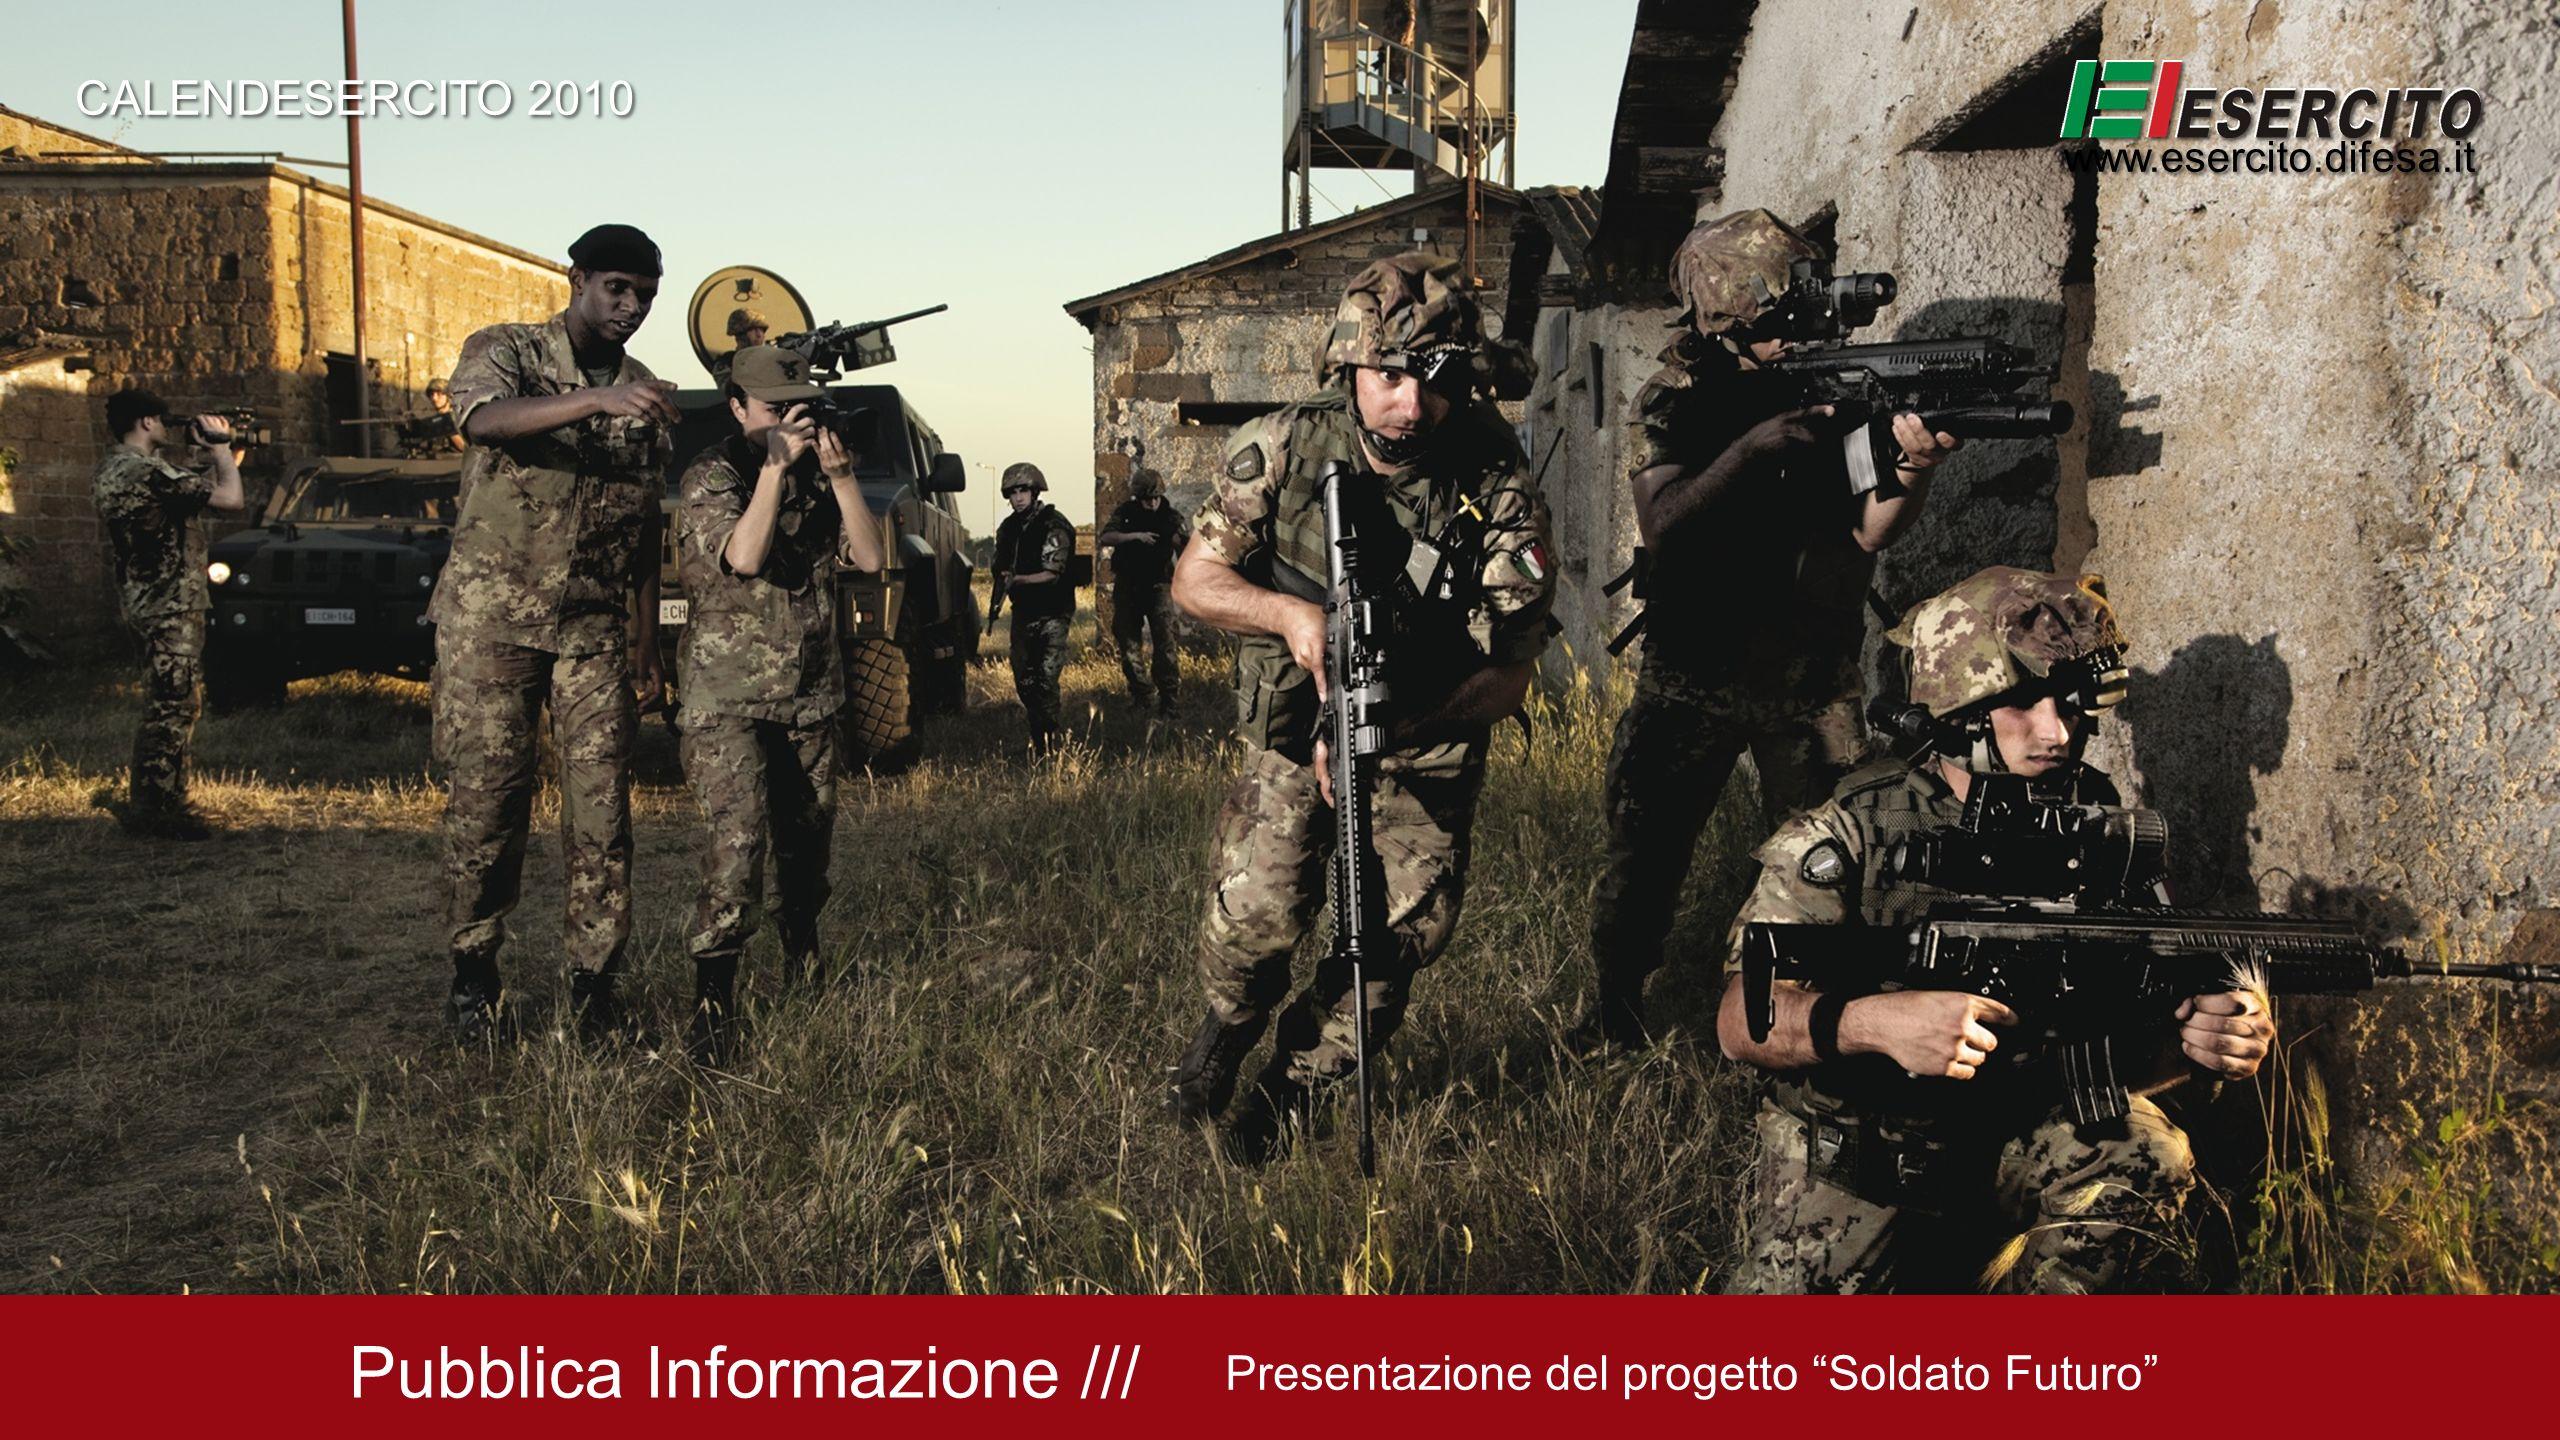 Pubblica Informazione /// Presentazione del progetto Soldato Futuro CALENDESERCITO 2010 www.esercito.difesa.it